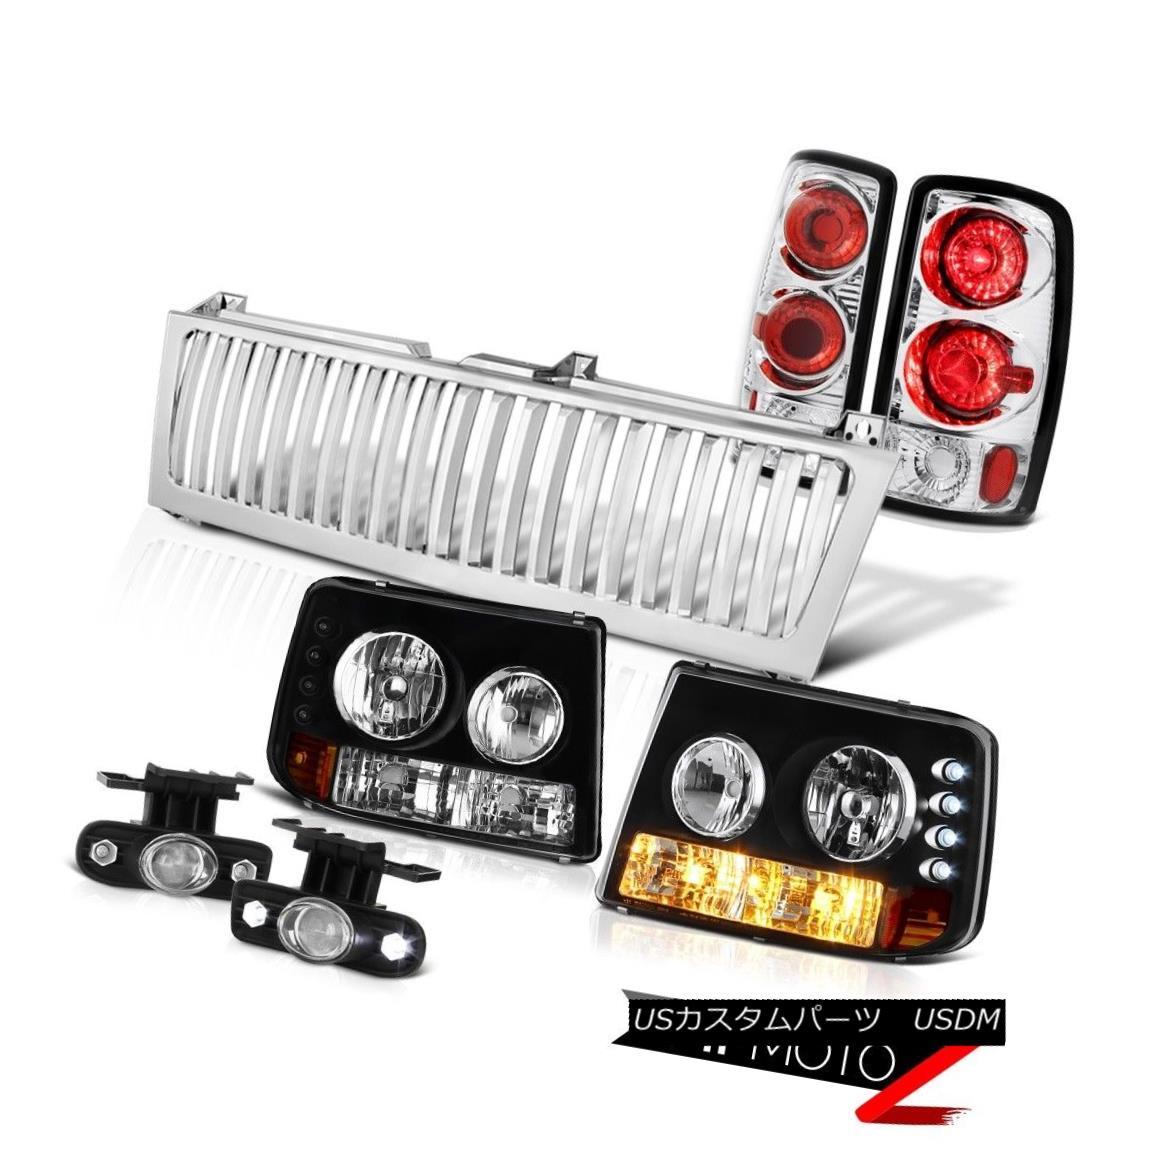 ヘッドライト Bumper Headlights Chrome Brake Lamps Projector Fog Grille 2000-2006 Tahoe Z71 バンパーヘッドライトクロームブレーキランププロジェクターフォググリル2000-2006タホZ71